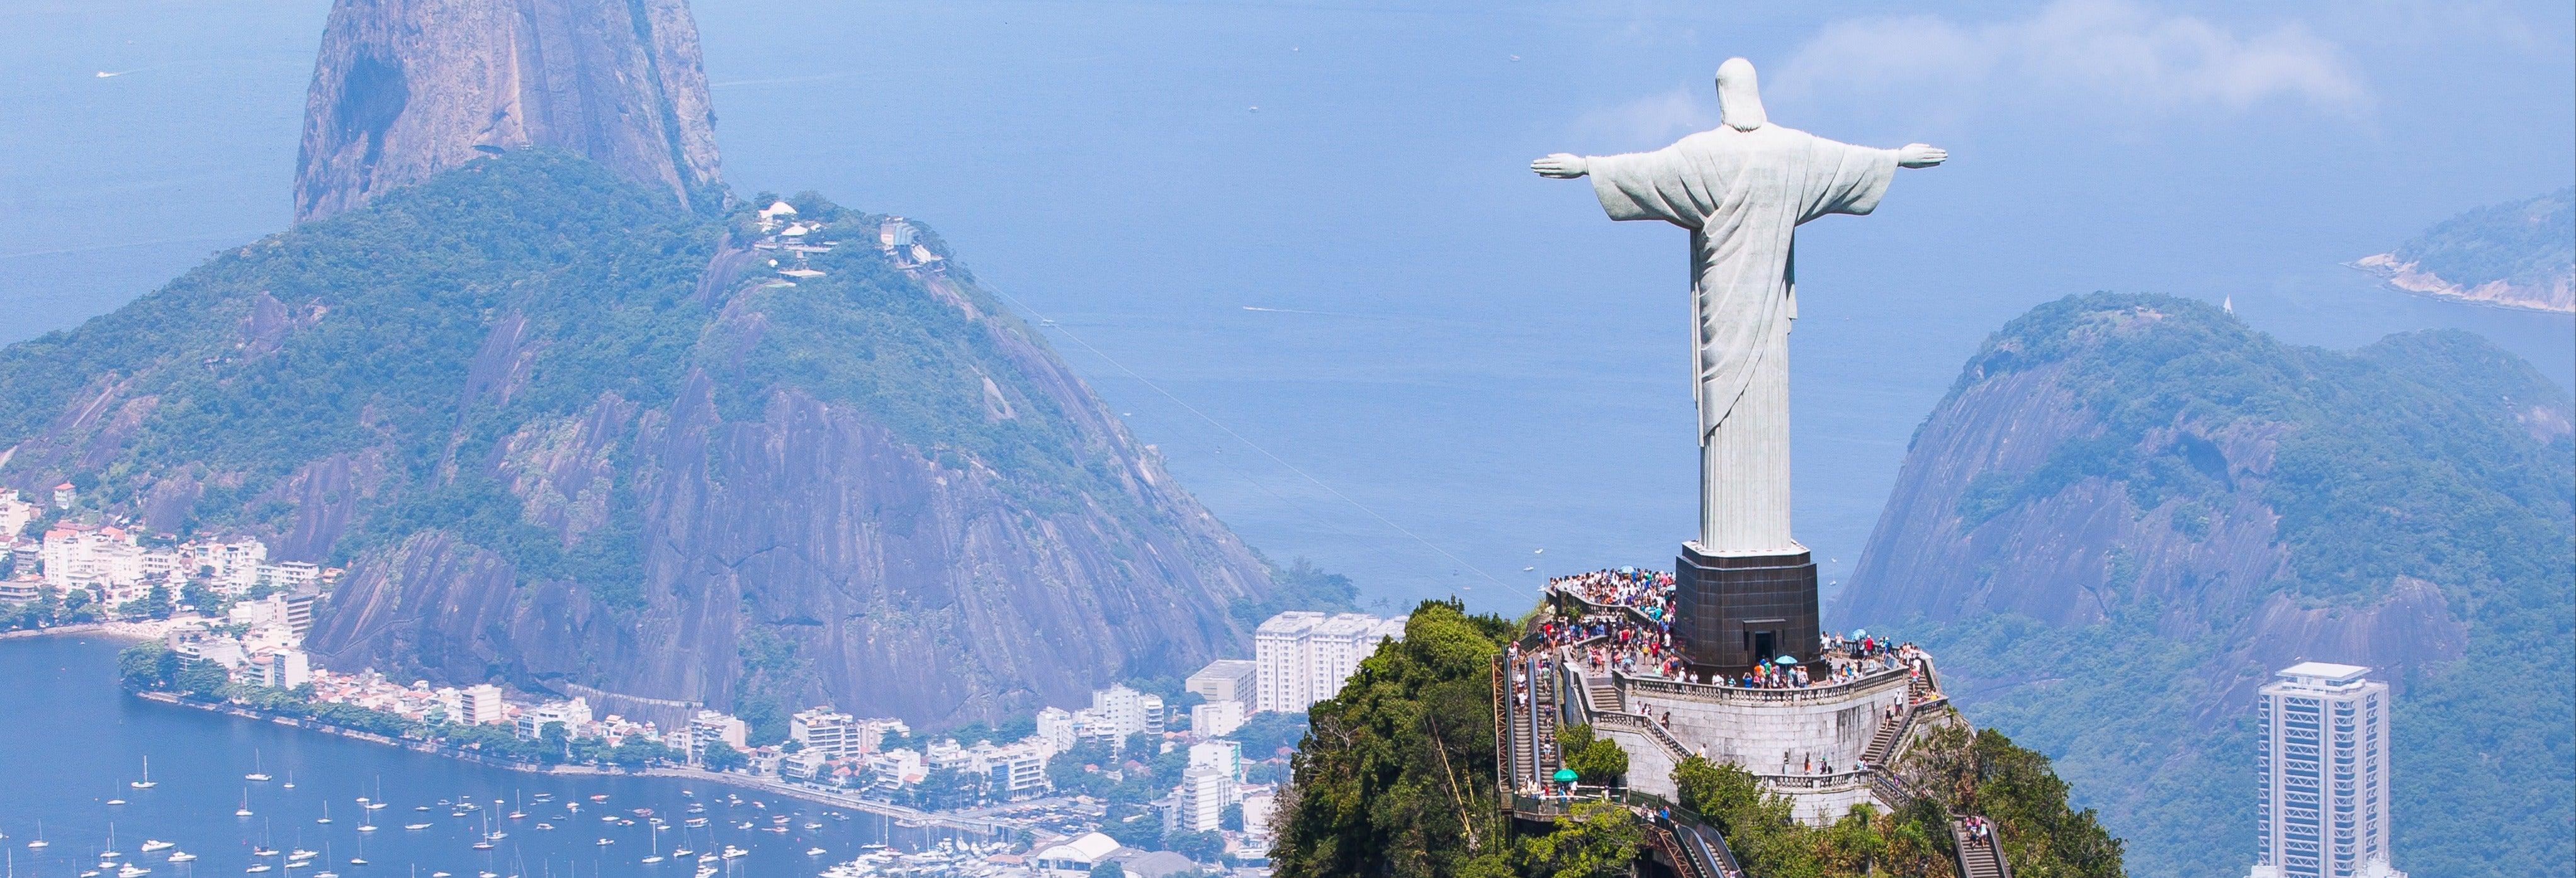 Visite de Rio de Janeiro pour les croisiéristes